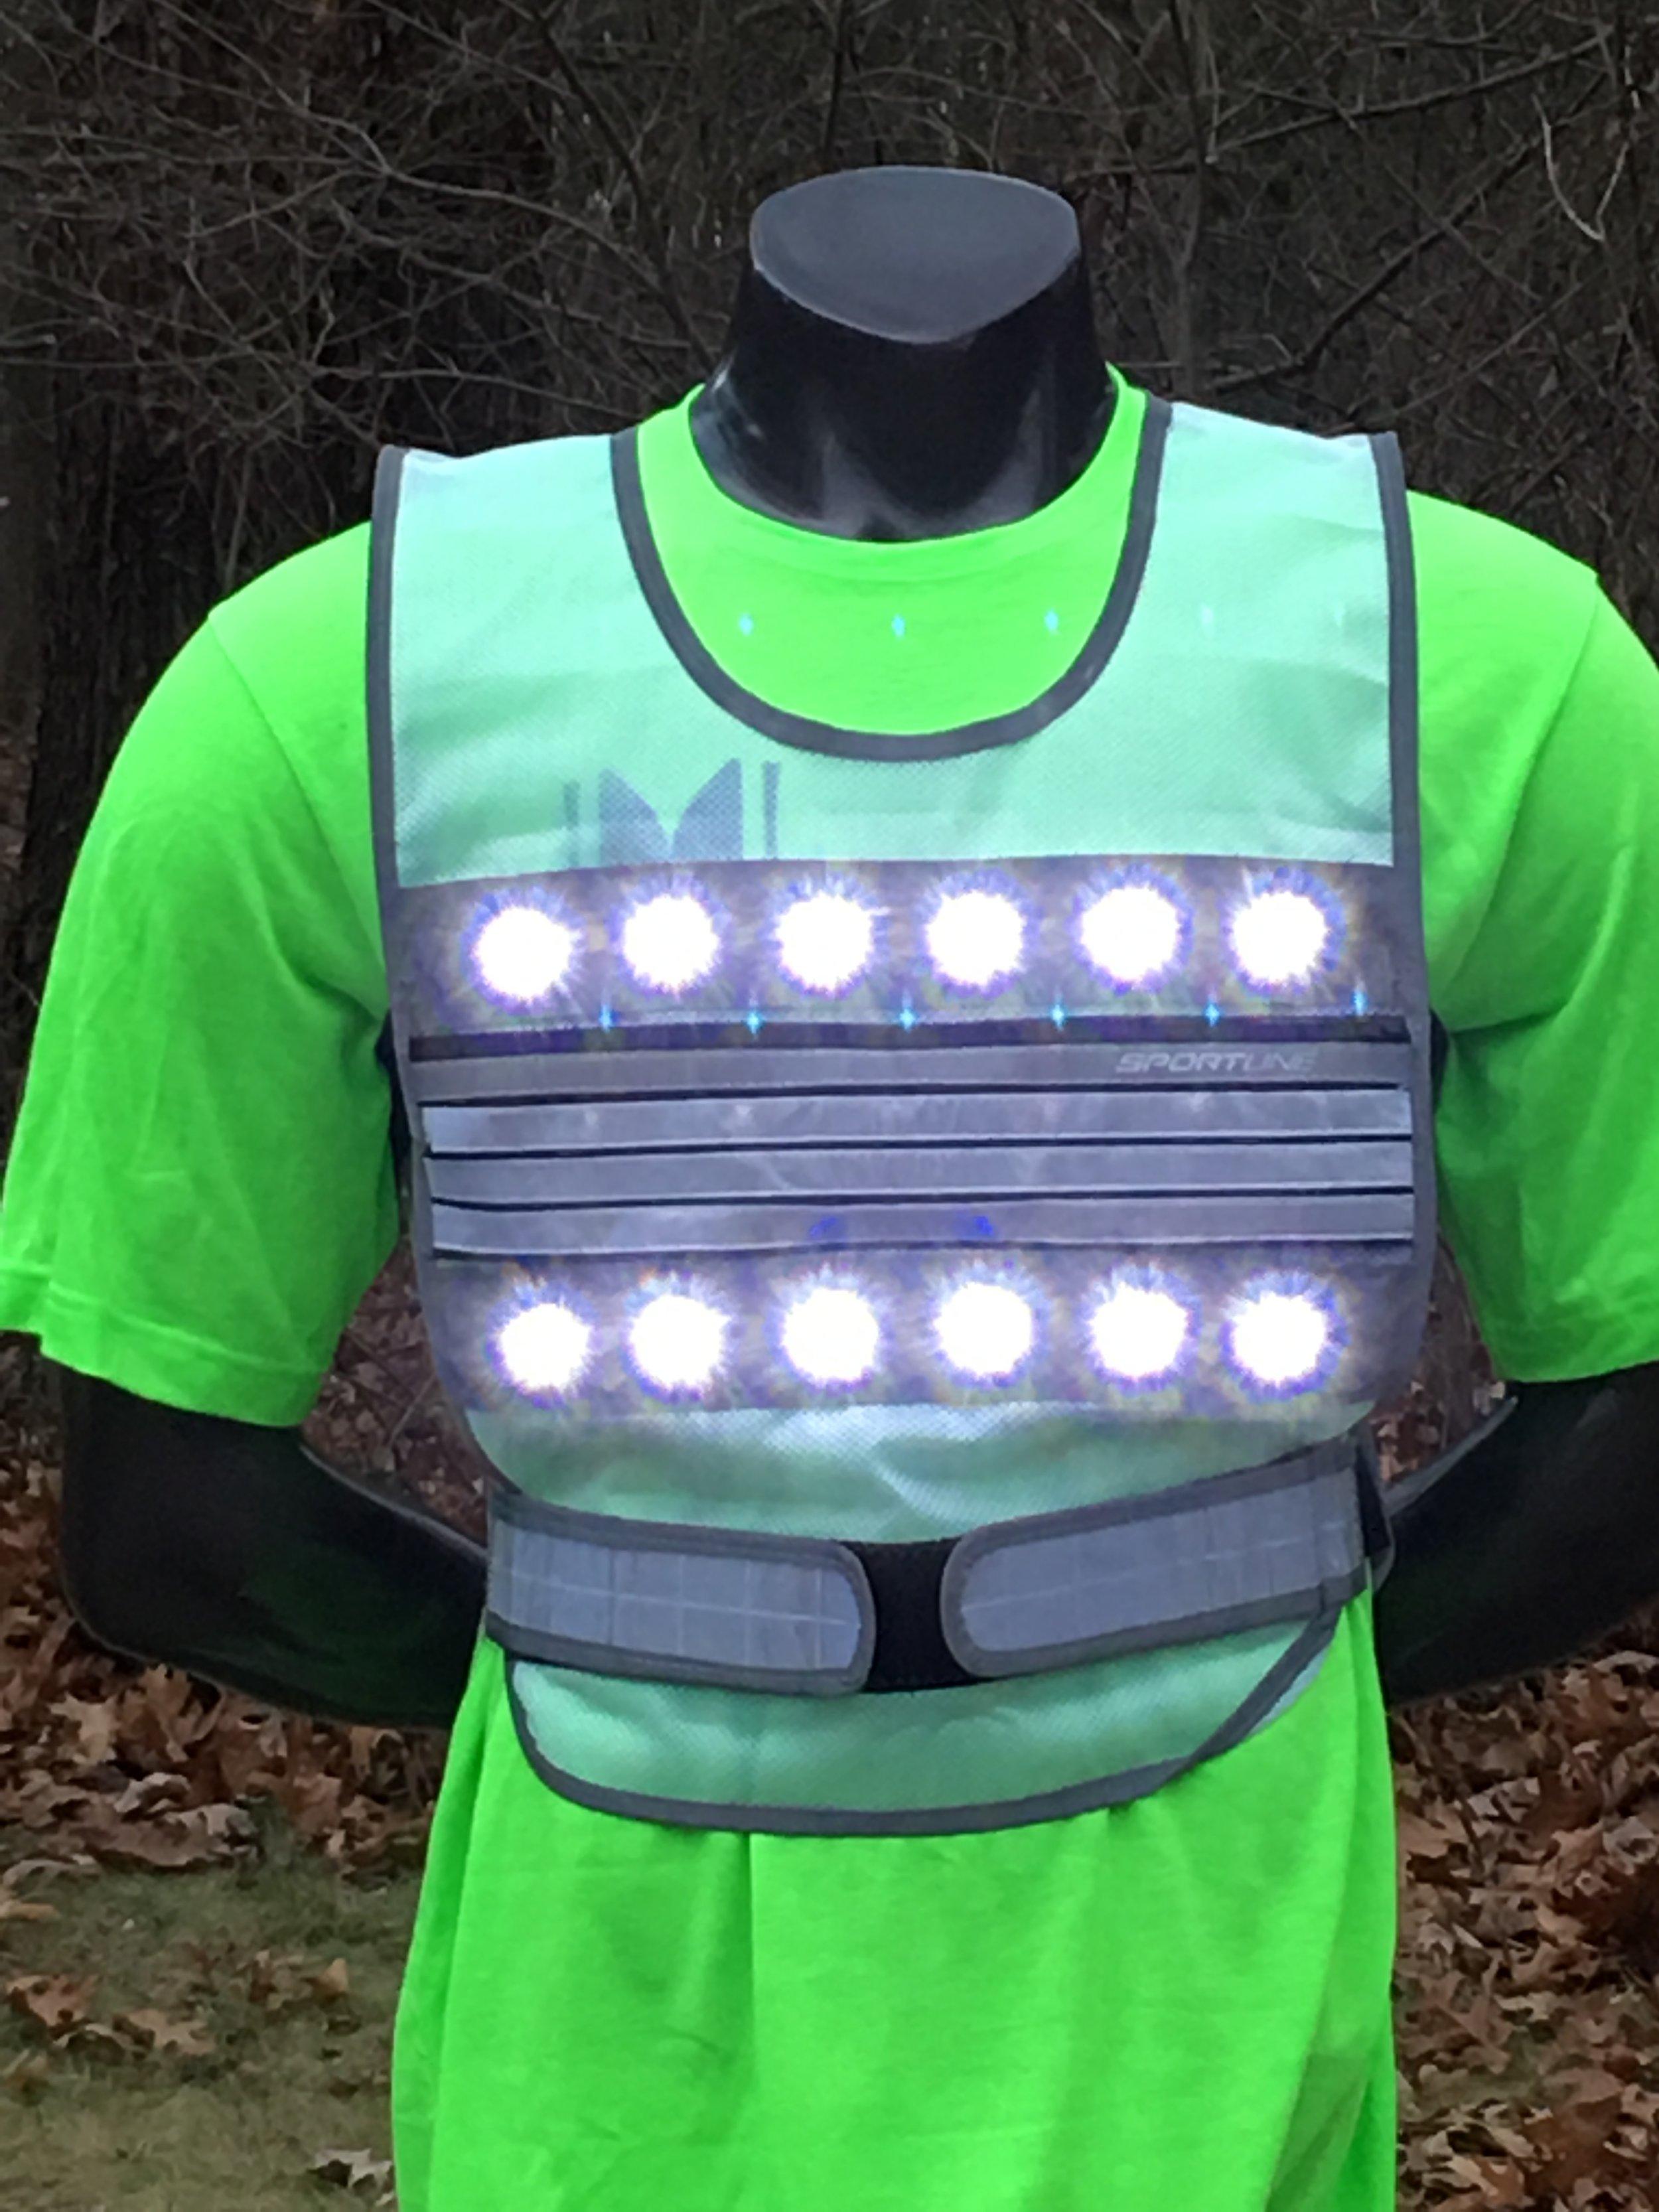 LEDLightVest-Flash-frnt-safety-vest-experts----Grand Rapids-MI.JPG